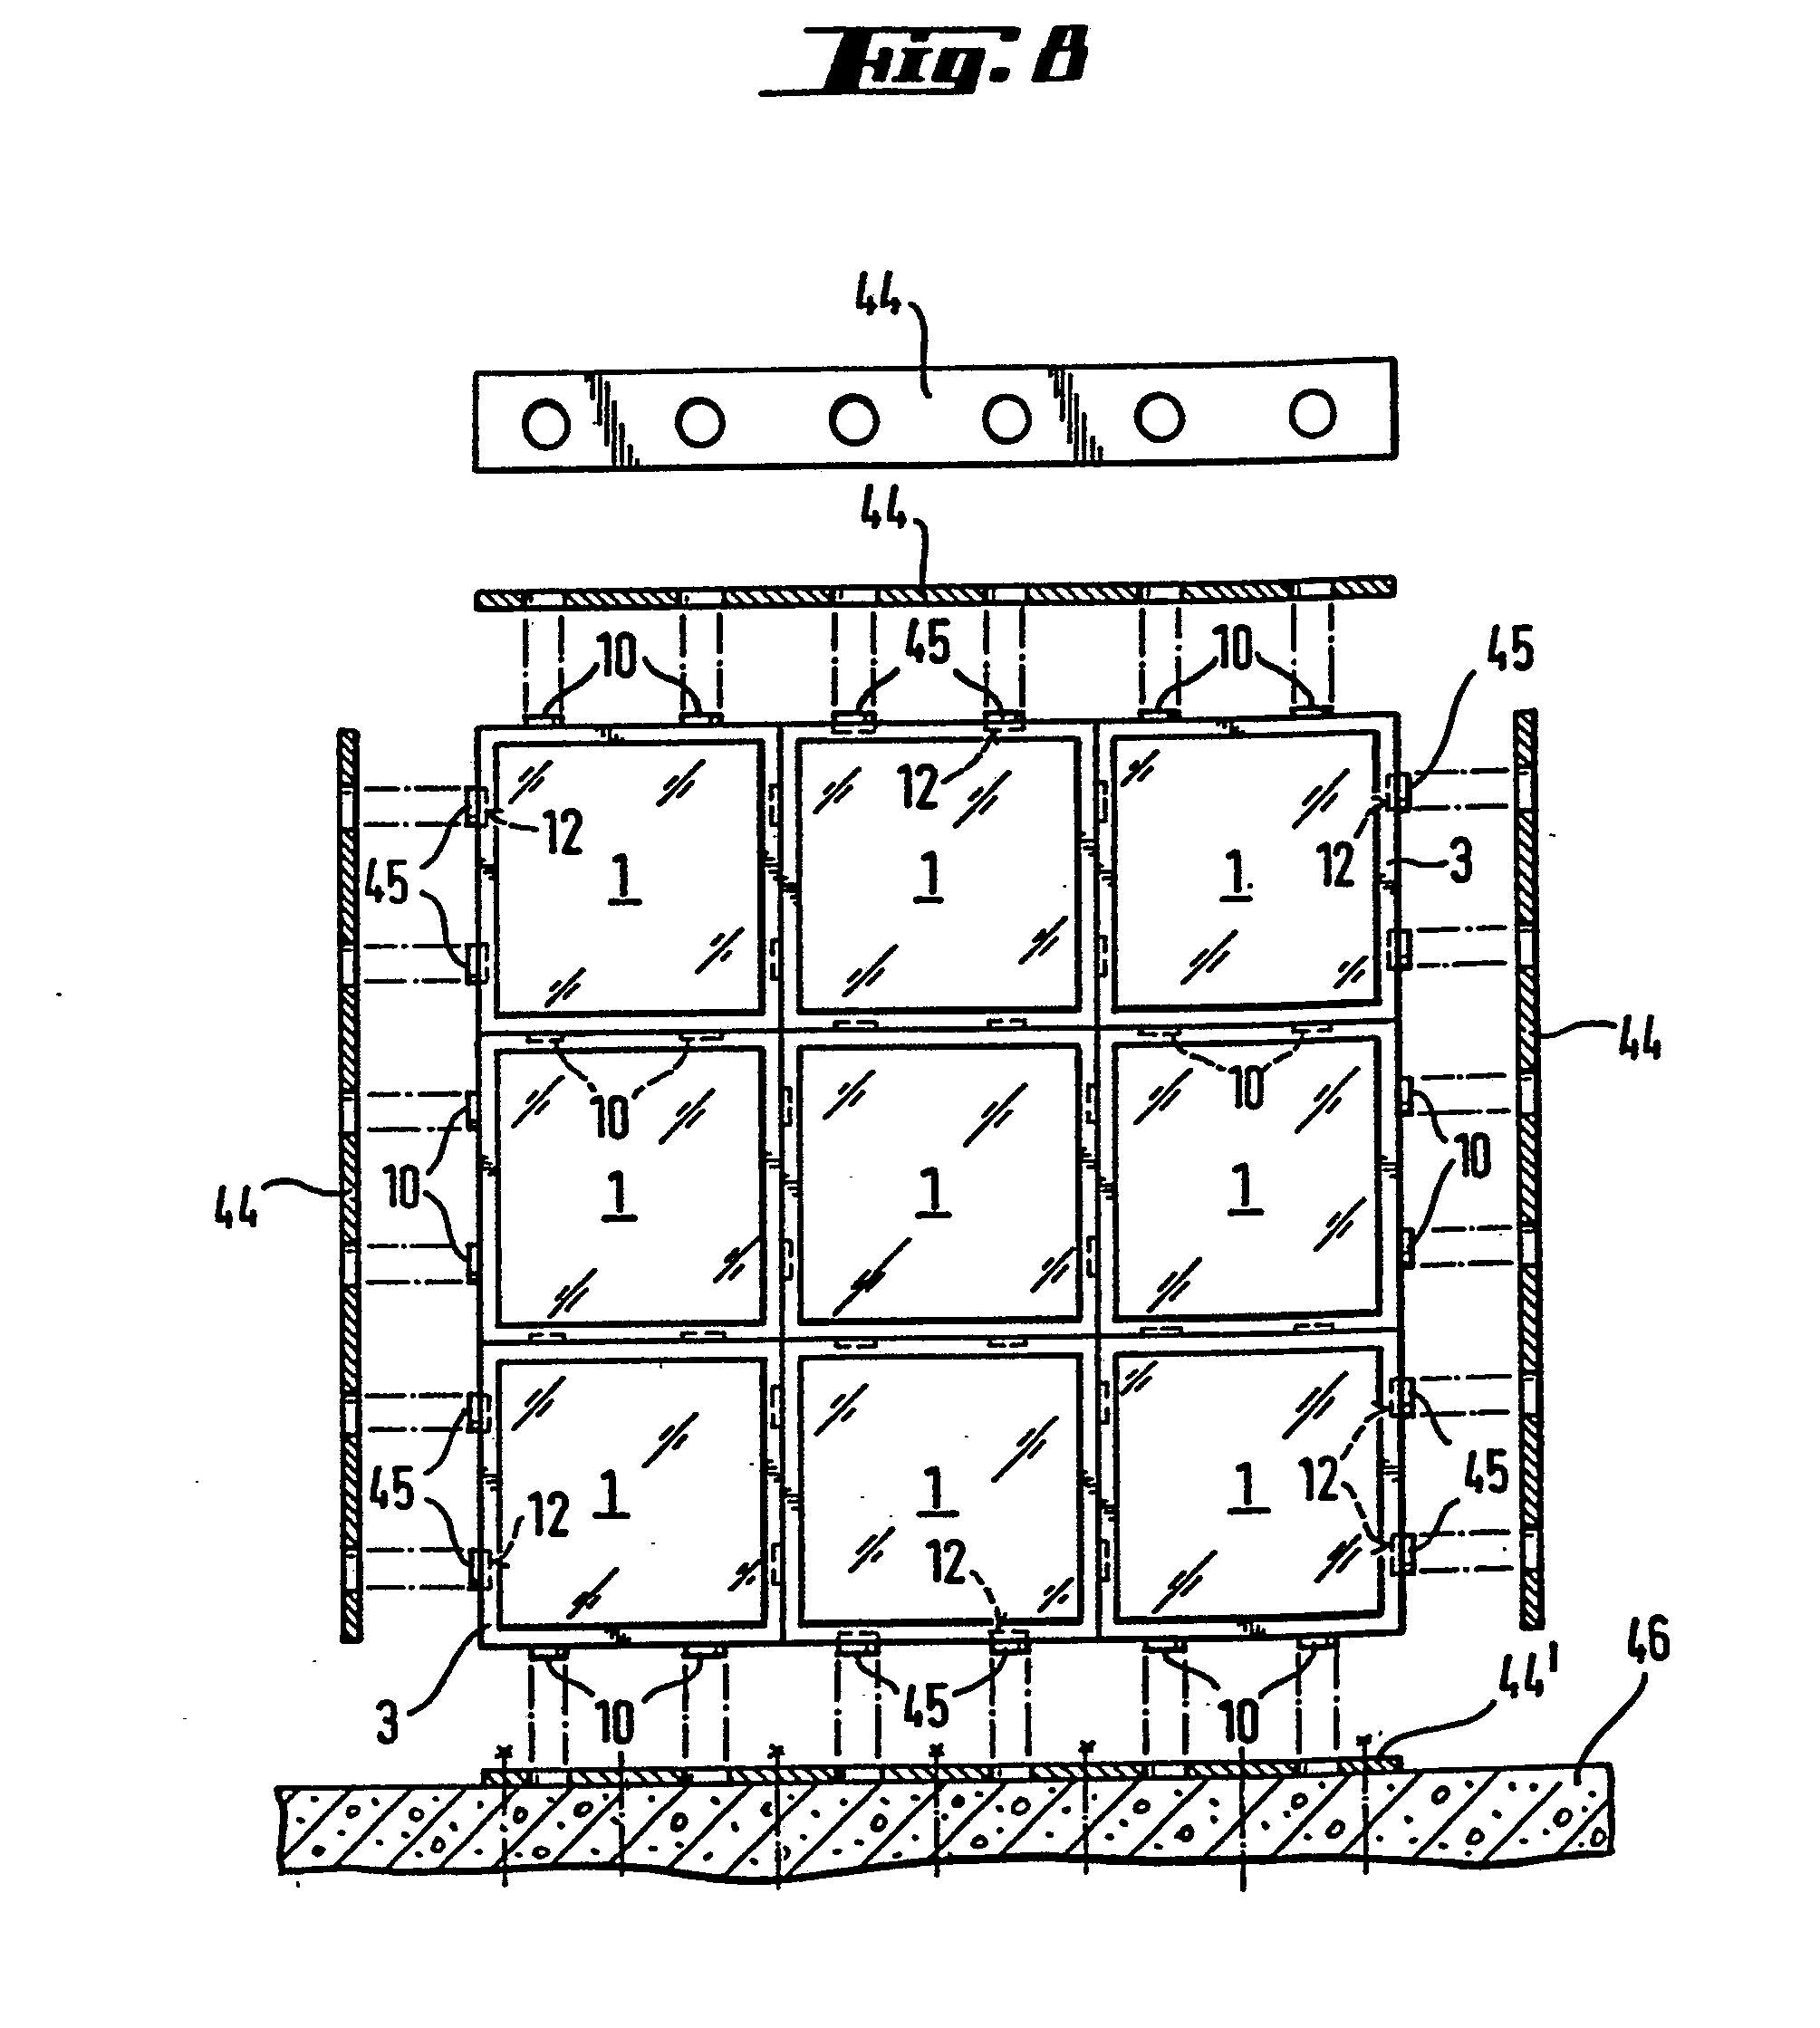 patent ep0103192b1 glasbaustein wandteil aus glasbauelementen und verfahren zum verlegen und. Black Bedroom Furniture Sets. Home Design Ideas